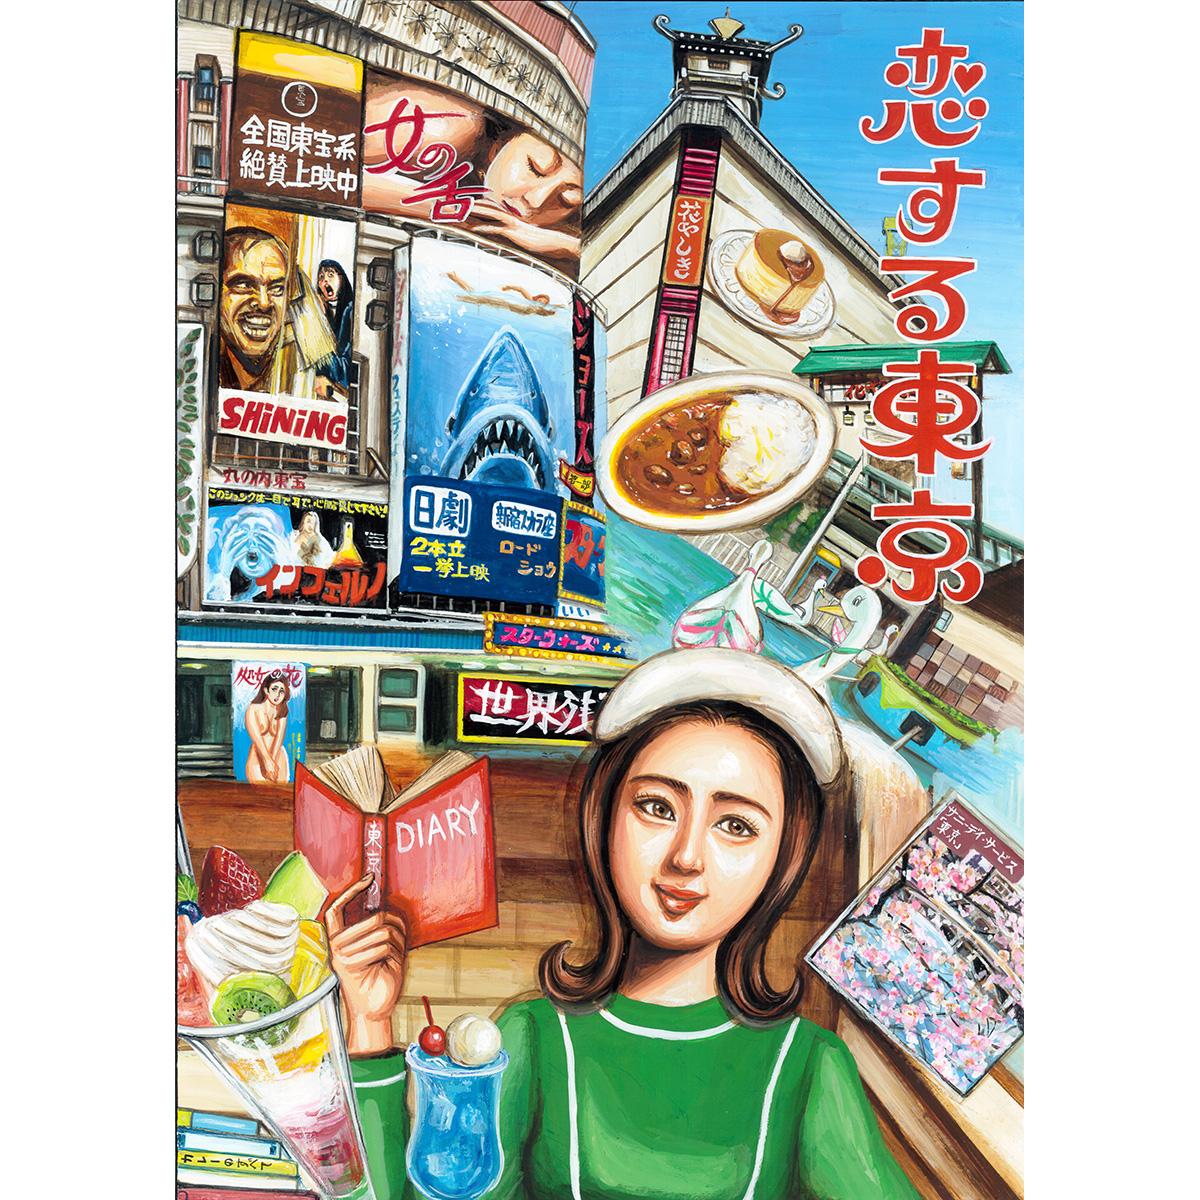 吉岡里奈『恋する東京』――東京は最先端のアートや映画、音楽、喫茶店、文化があってウキウキするところ。そんな東京でデートの予定を立ててワクワクしてる女の子を描きました。